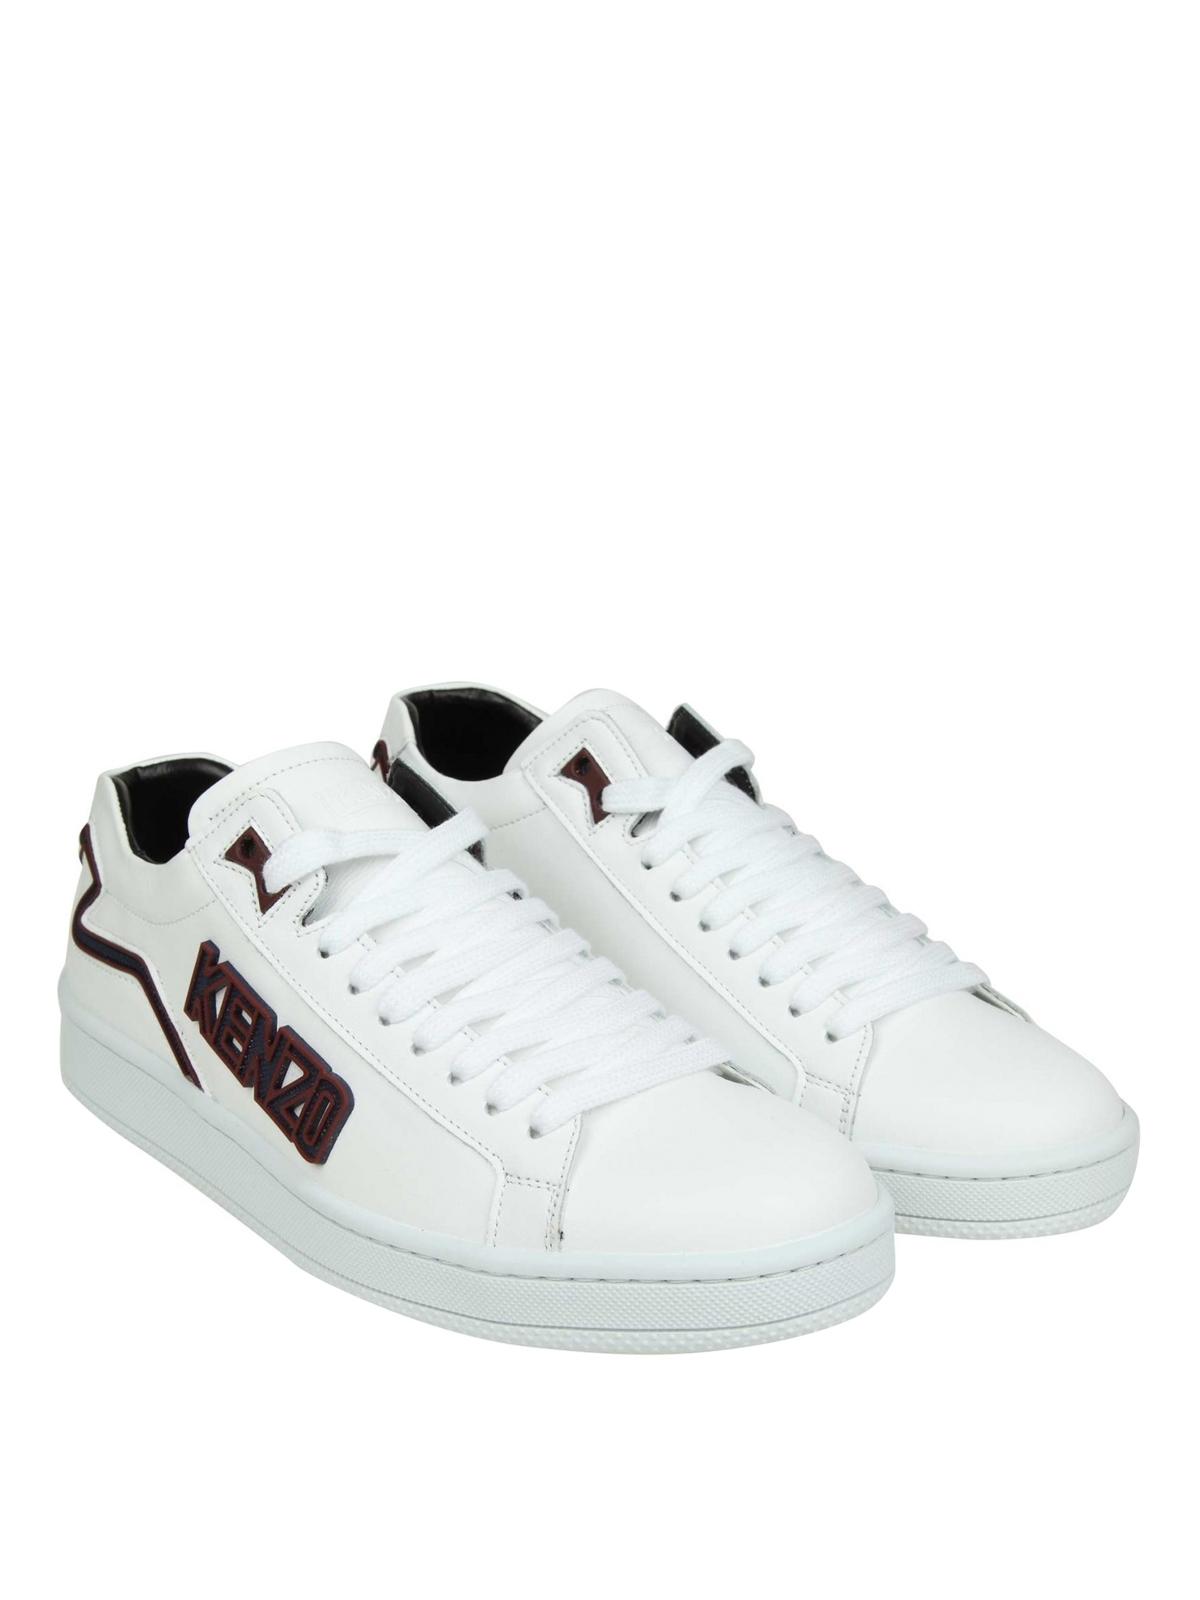 Kenzo - Tennix white leather sneakers